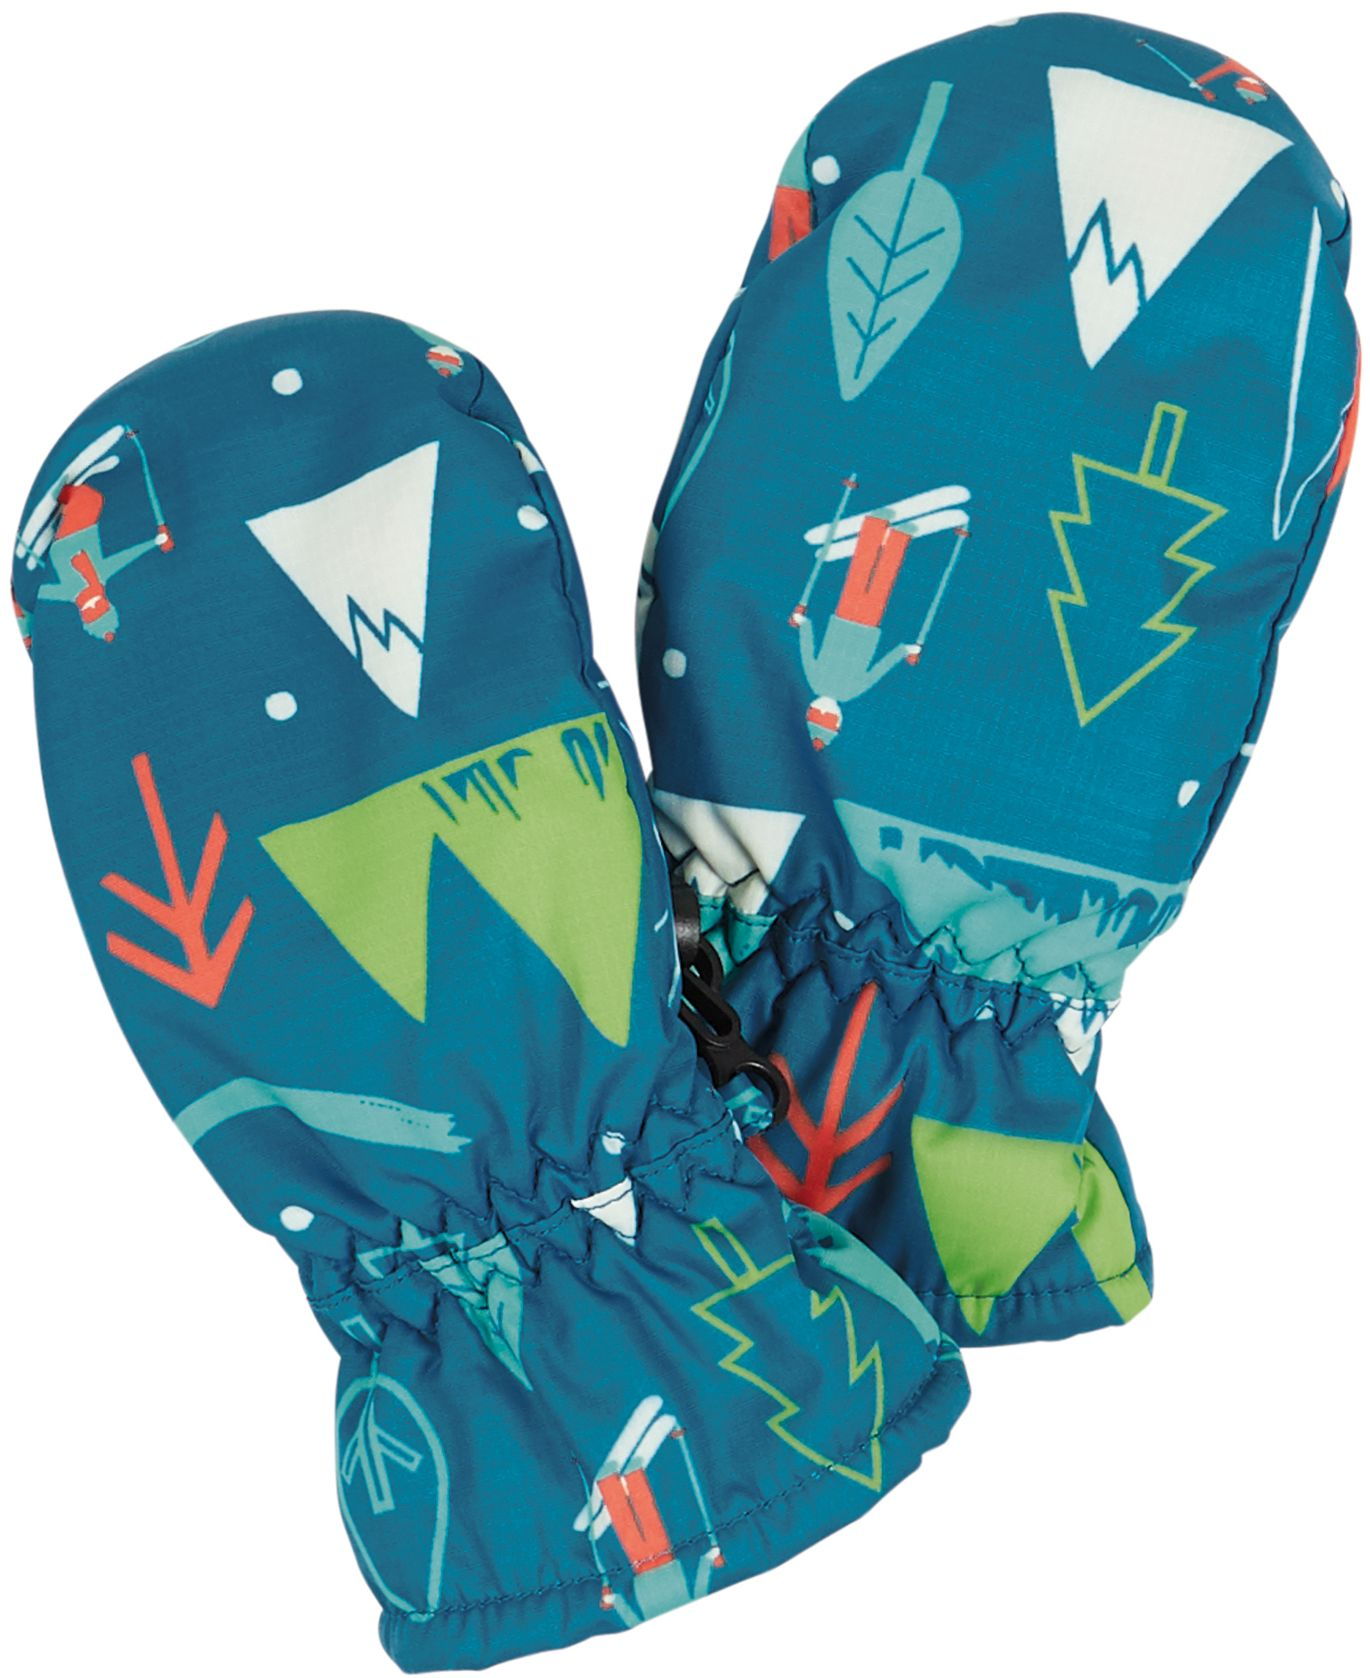 Kinder-Handschuhe mit Skiläufern